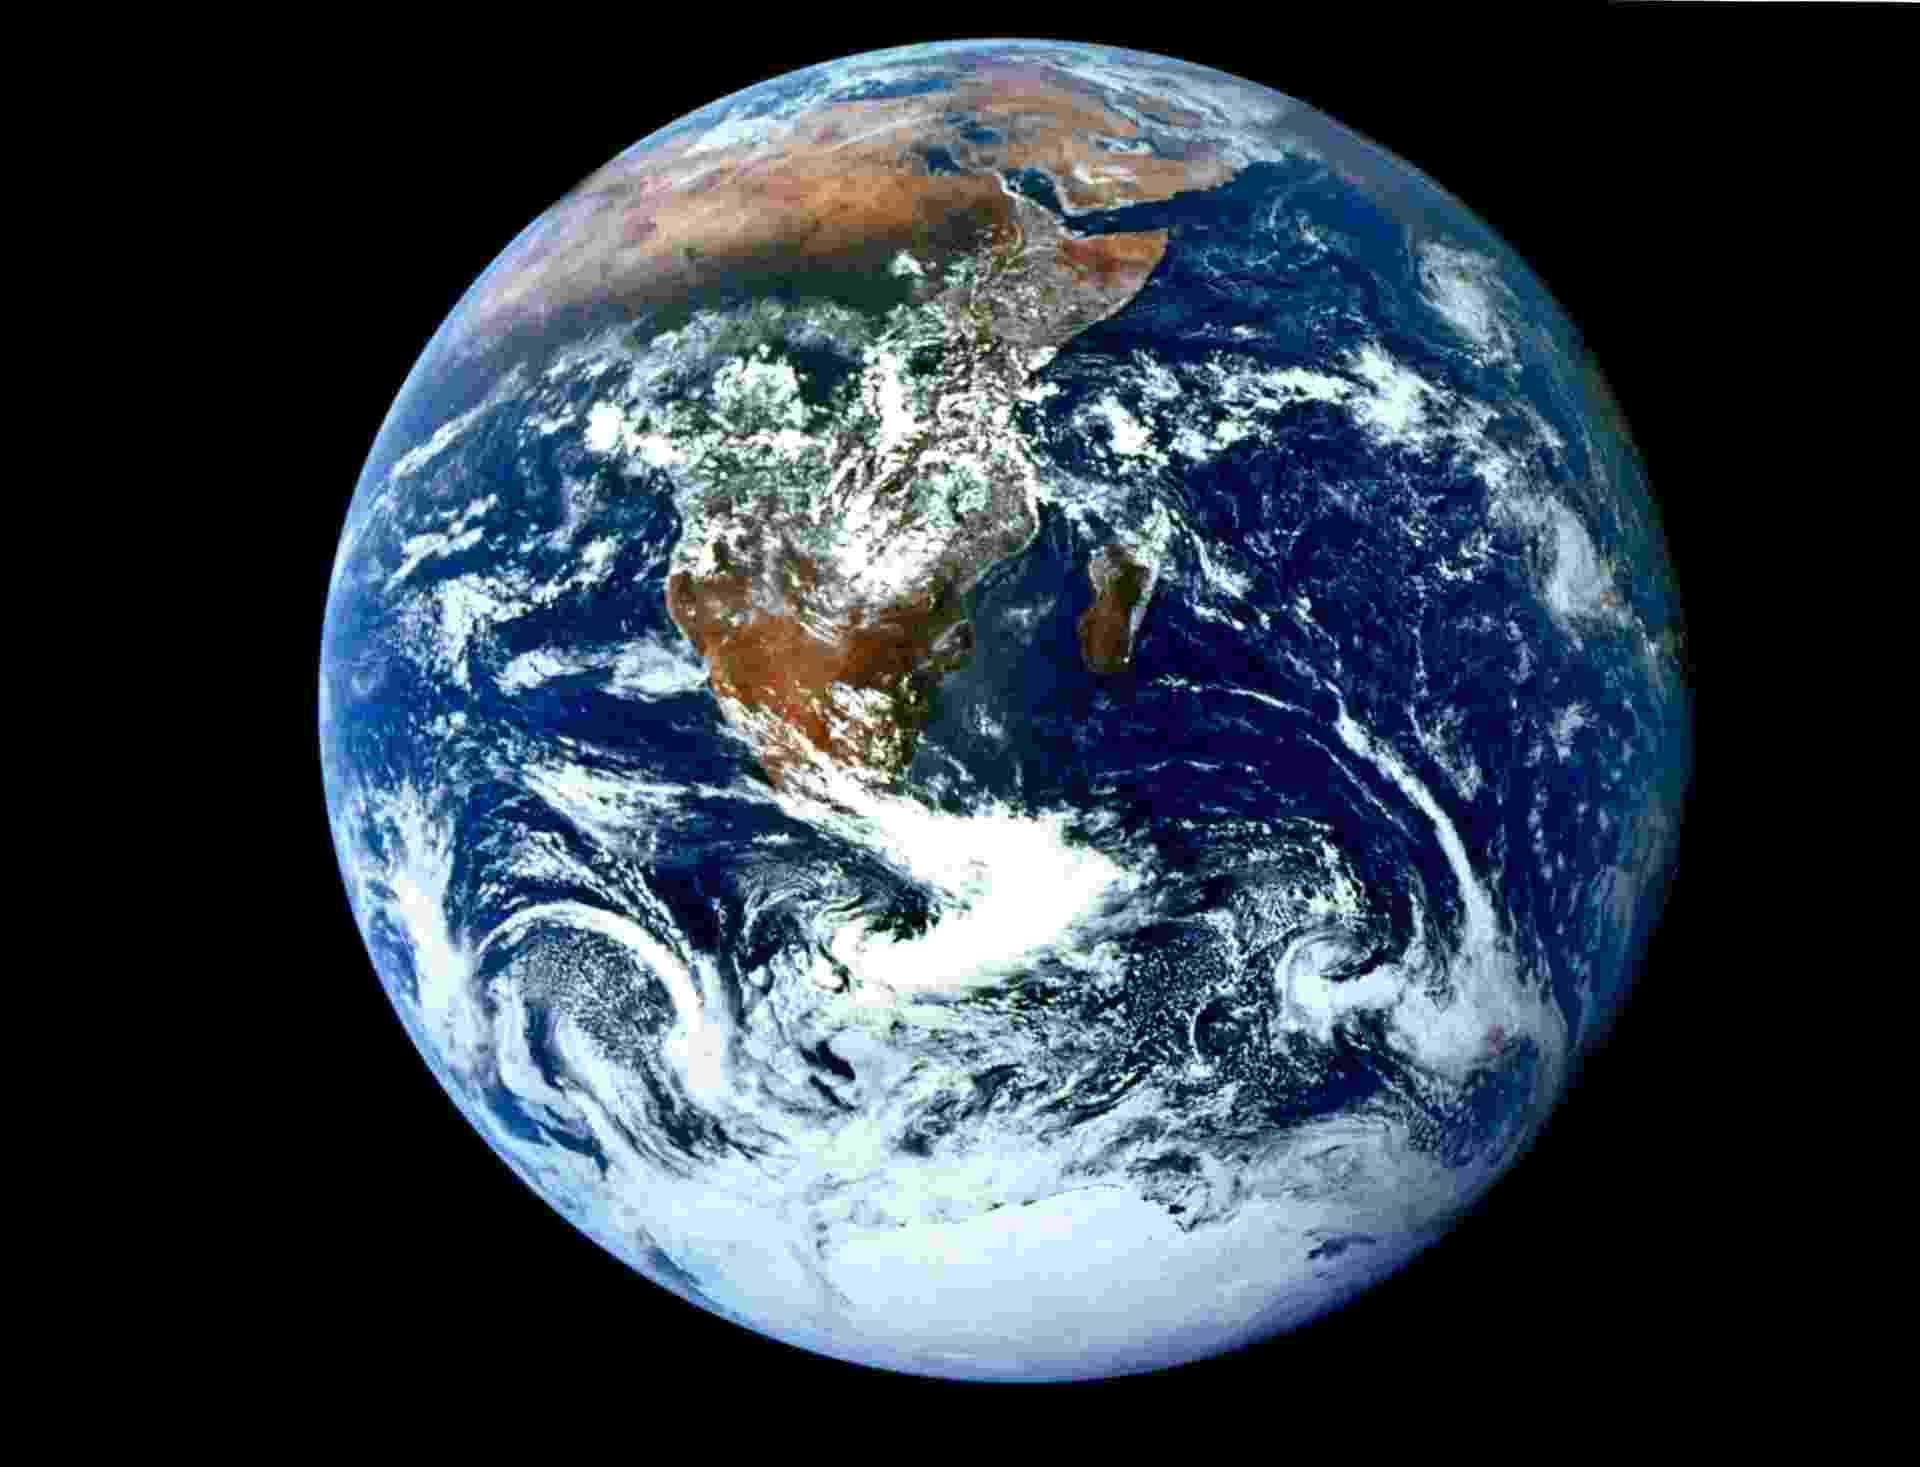 5.fev.2013 - Uma das imagens mais famosas do mundo é um retrato do nosso próprio planeta. Batizada de bola de gude, a icônica foto da Terra foi feita pelo trio da Apollo 17 - Eugene A. Cernan, Ronald E. Evans e Harrison H. Schmidt - a caminho da Lua, em 6 de dezembro de 1972. Essa foi a primeira vez que uma missão Apollo conseguiu registrar a calota polar, pois, naquele ano, a Nasa (Agência Espacial Norte-Americana) alterou a trajetória da espaçonave - Nasa/AFP